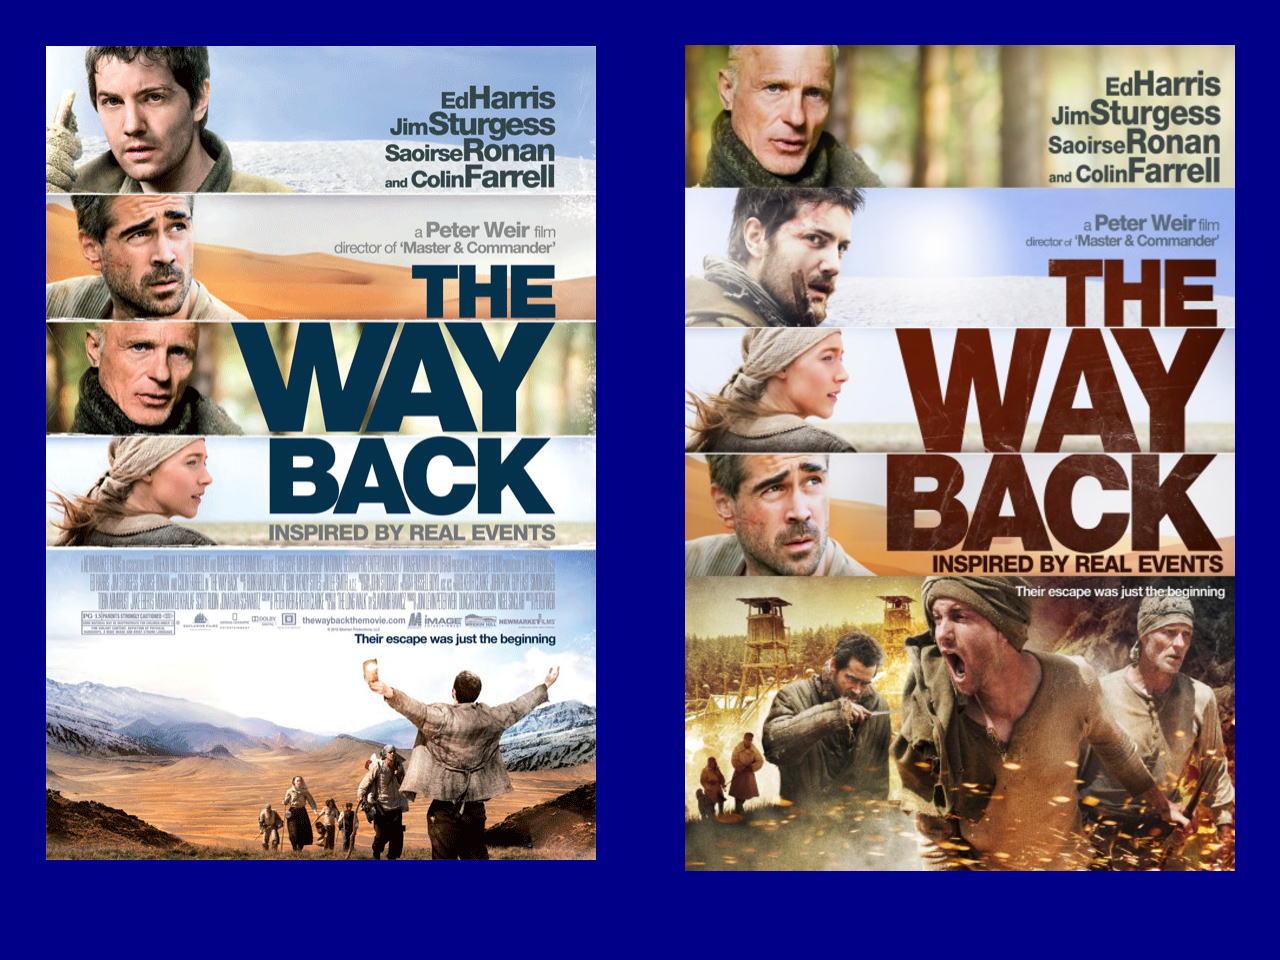 映画『ウェイバック-脱出6500km- THE WAY BACK』ポスター(1) ▼ポスター画像クリックで拡大します。